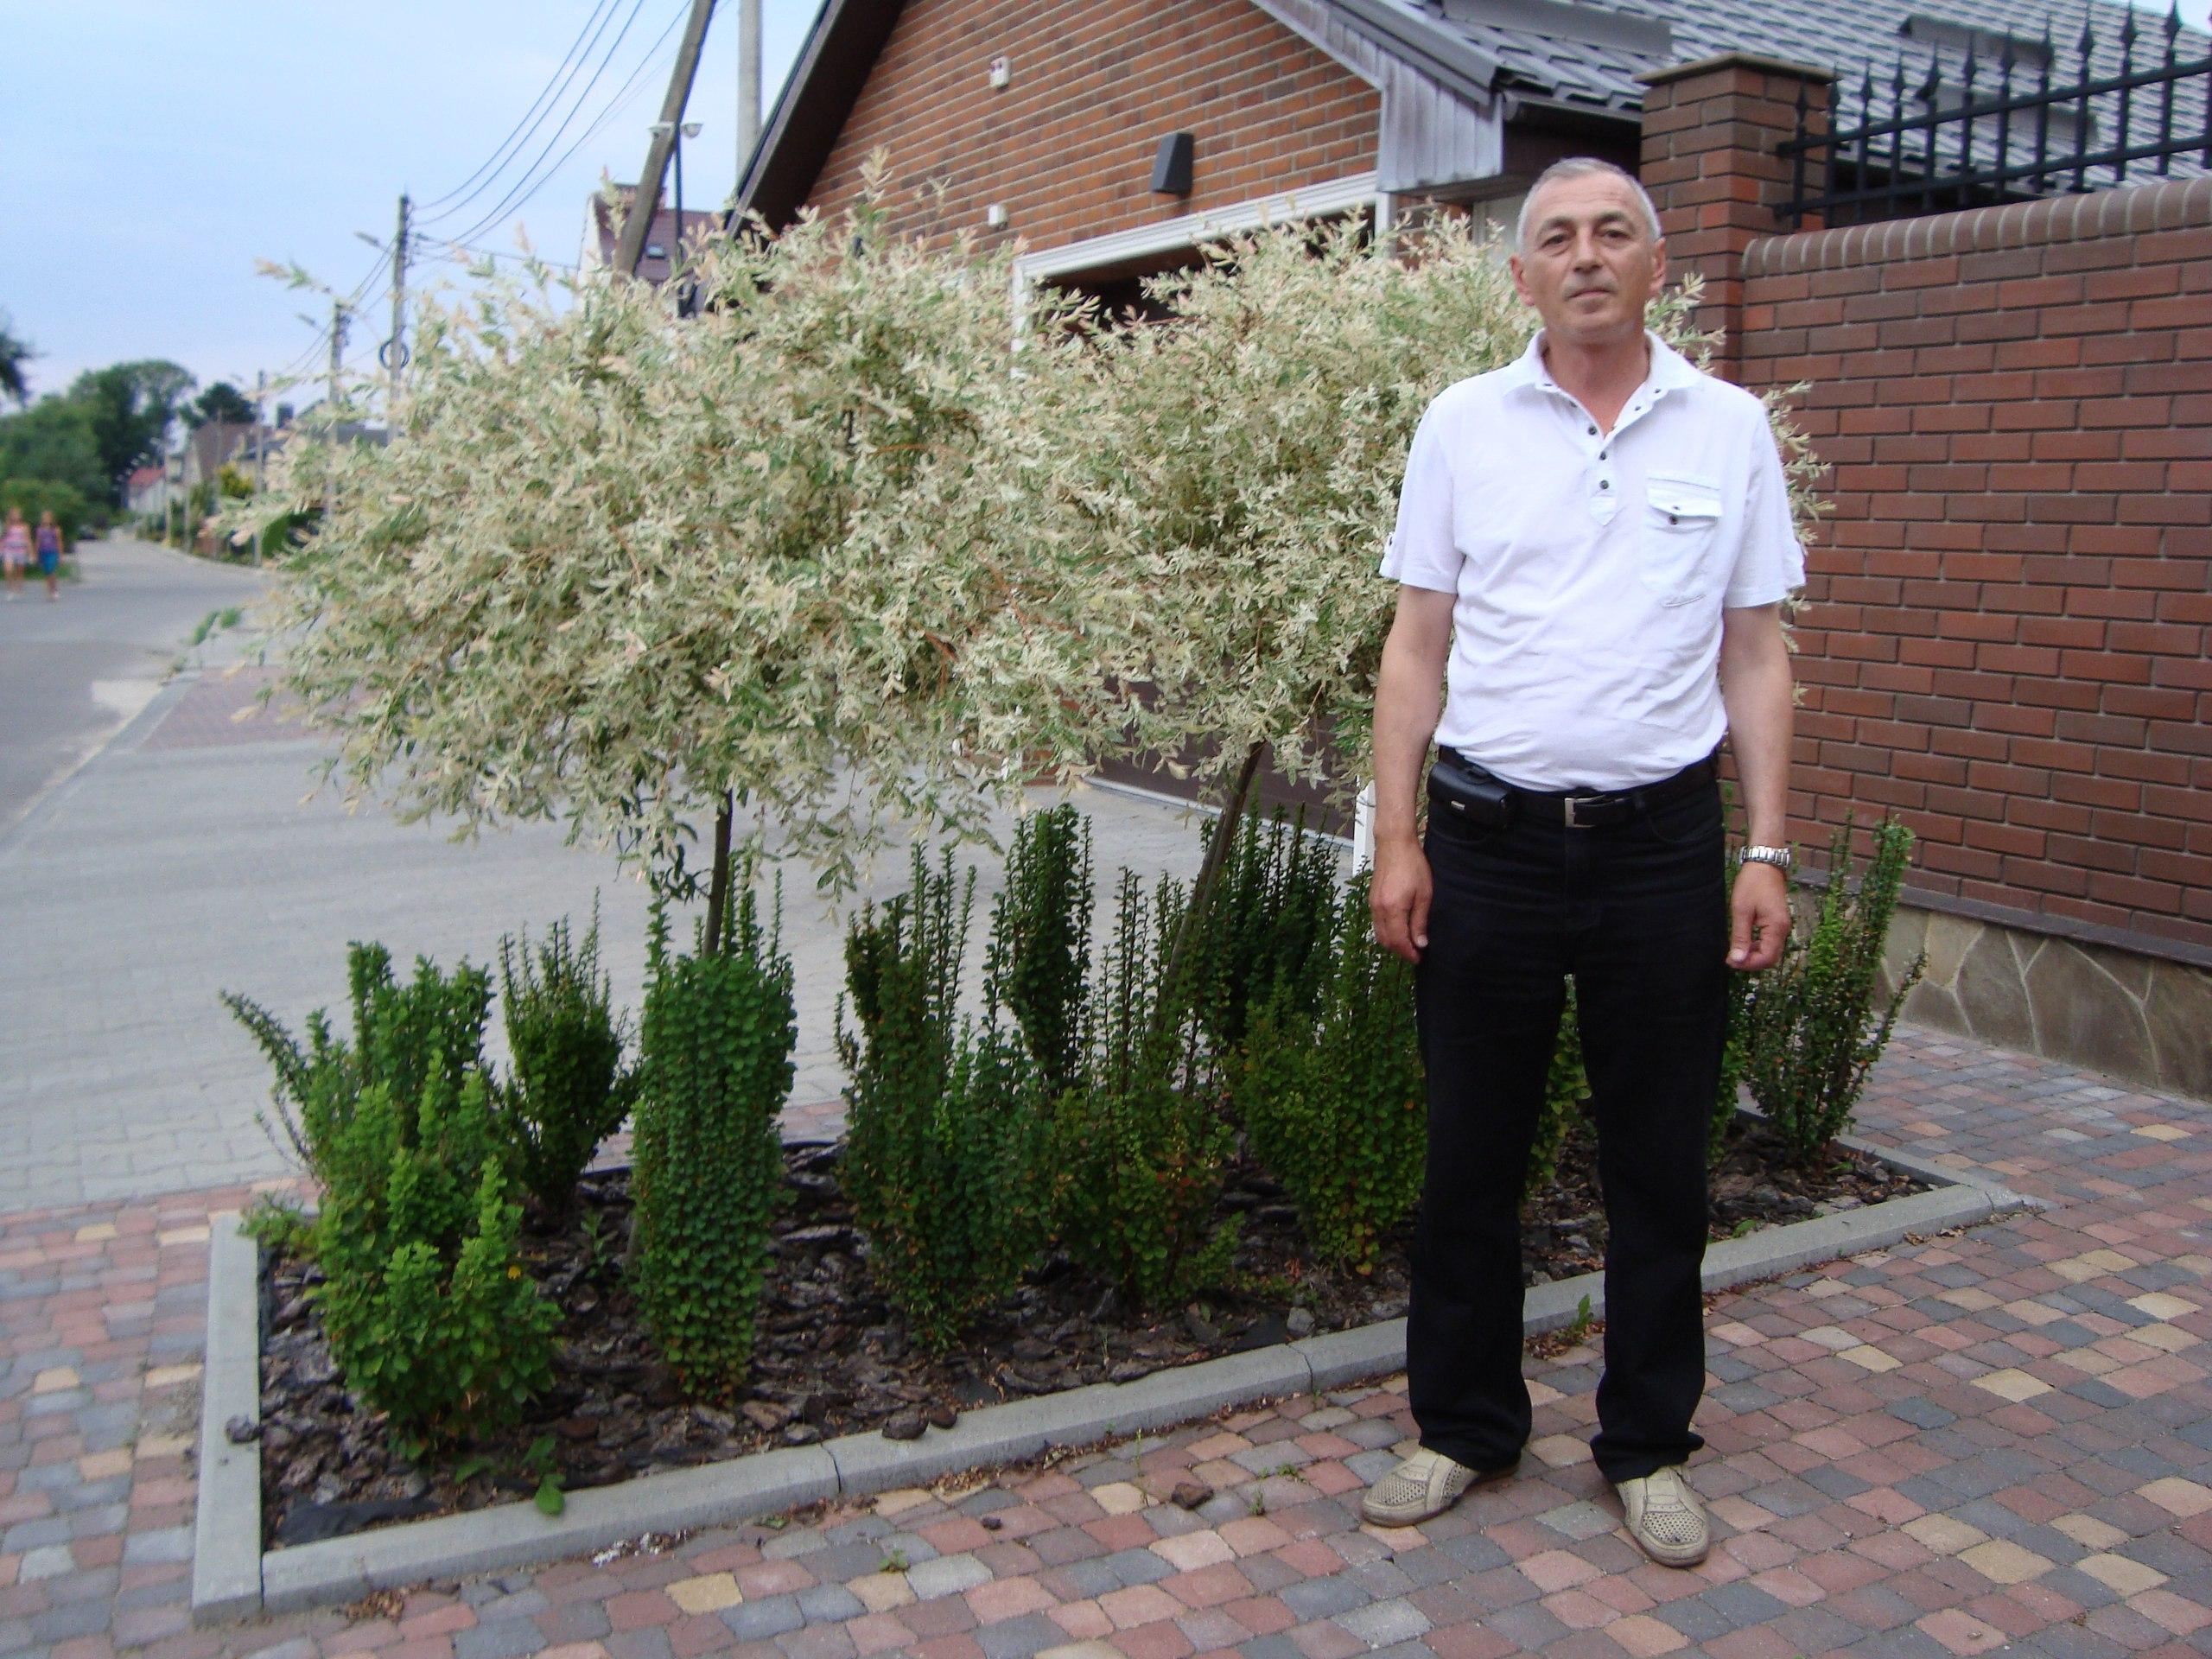 Семьи любви, картинки 59 лет мужчине